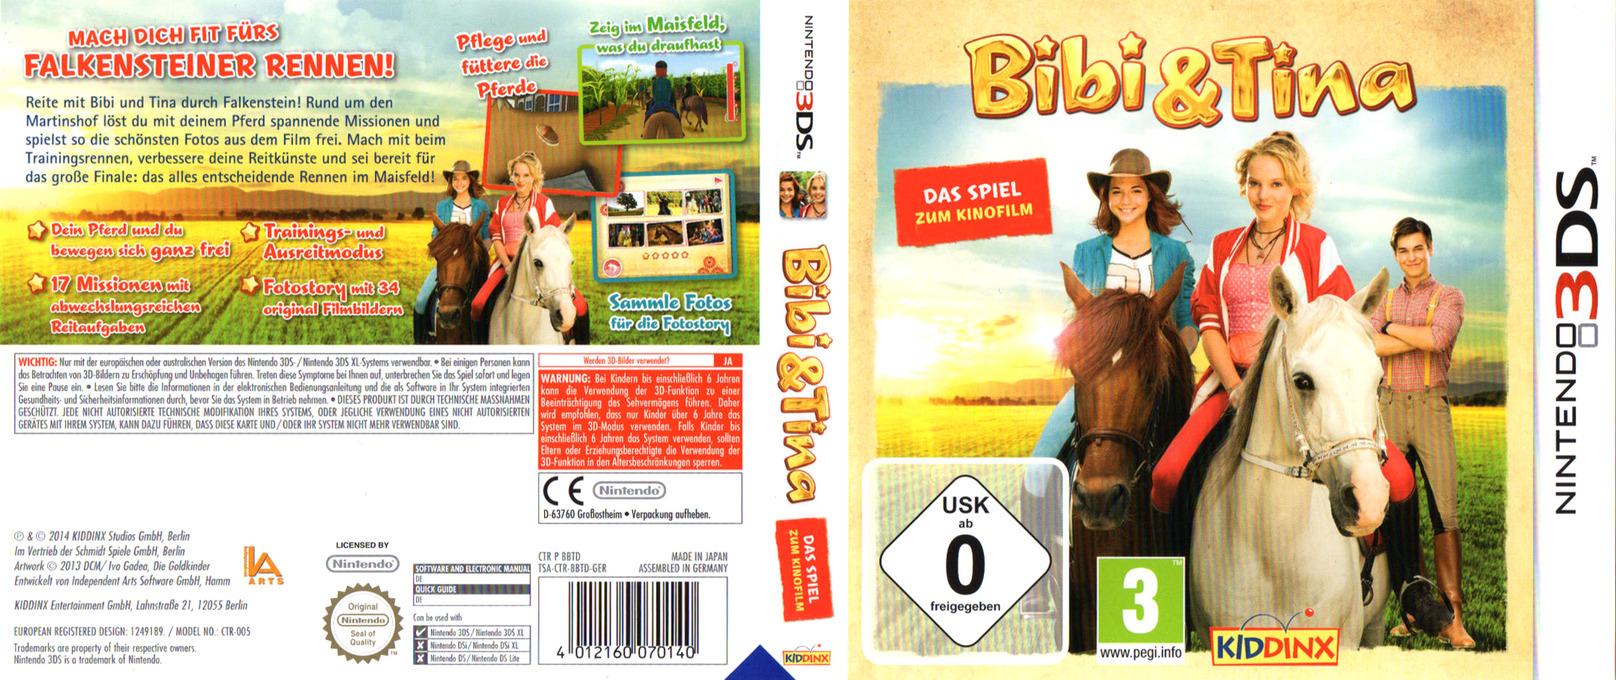 Bibi & Tina - Das Spiel zum Kinofilm 3DS coverfullHQ (BBTD)